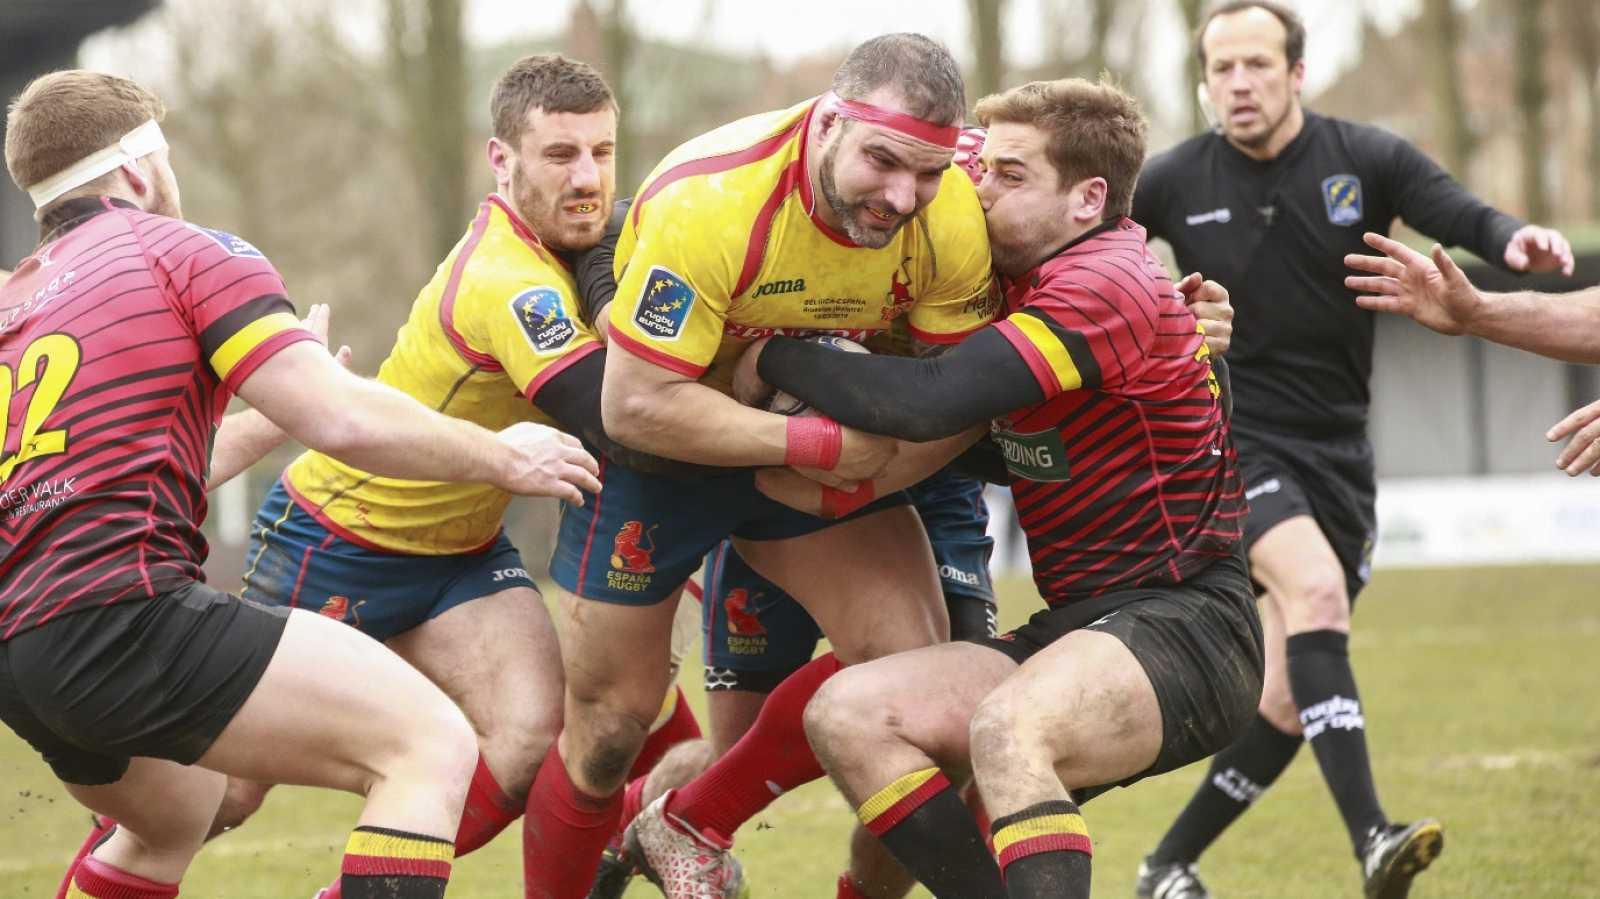 Para Todos Los Públicos Rugby Campeonato De Europa Masculino Bélgica España Desde Bruselas Ver Ahora Reproducir Video